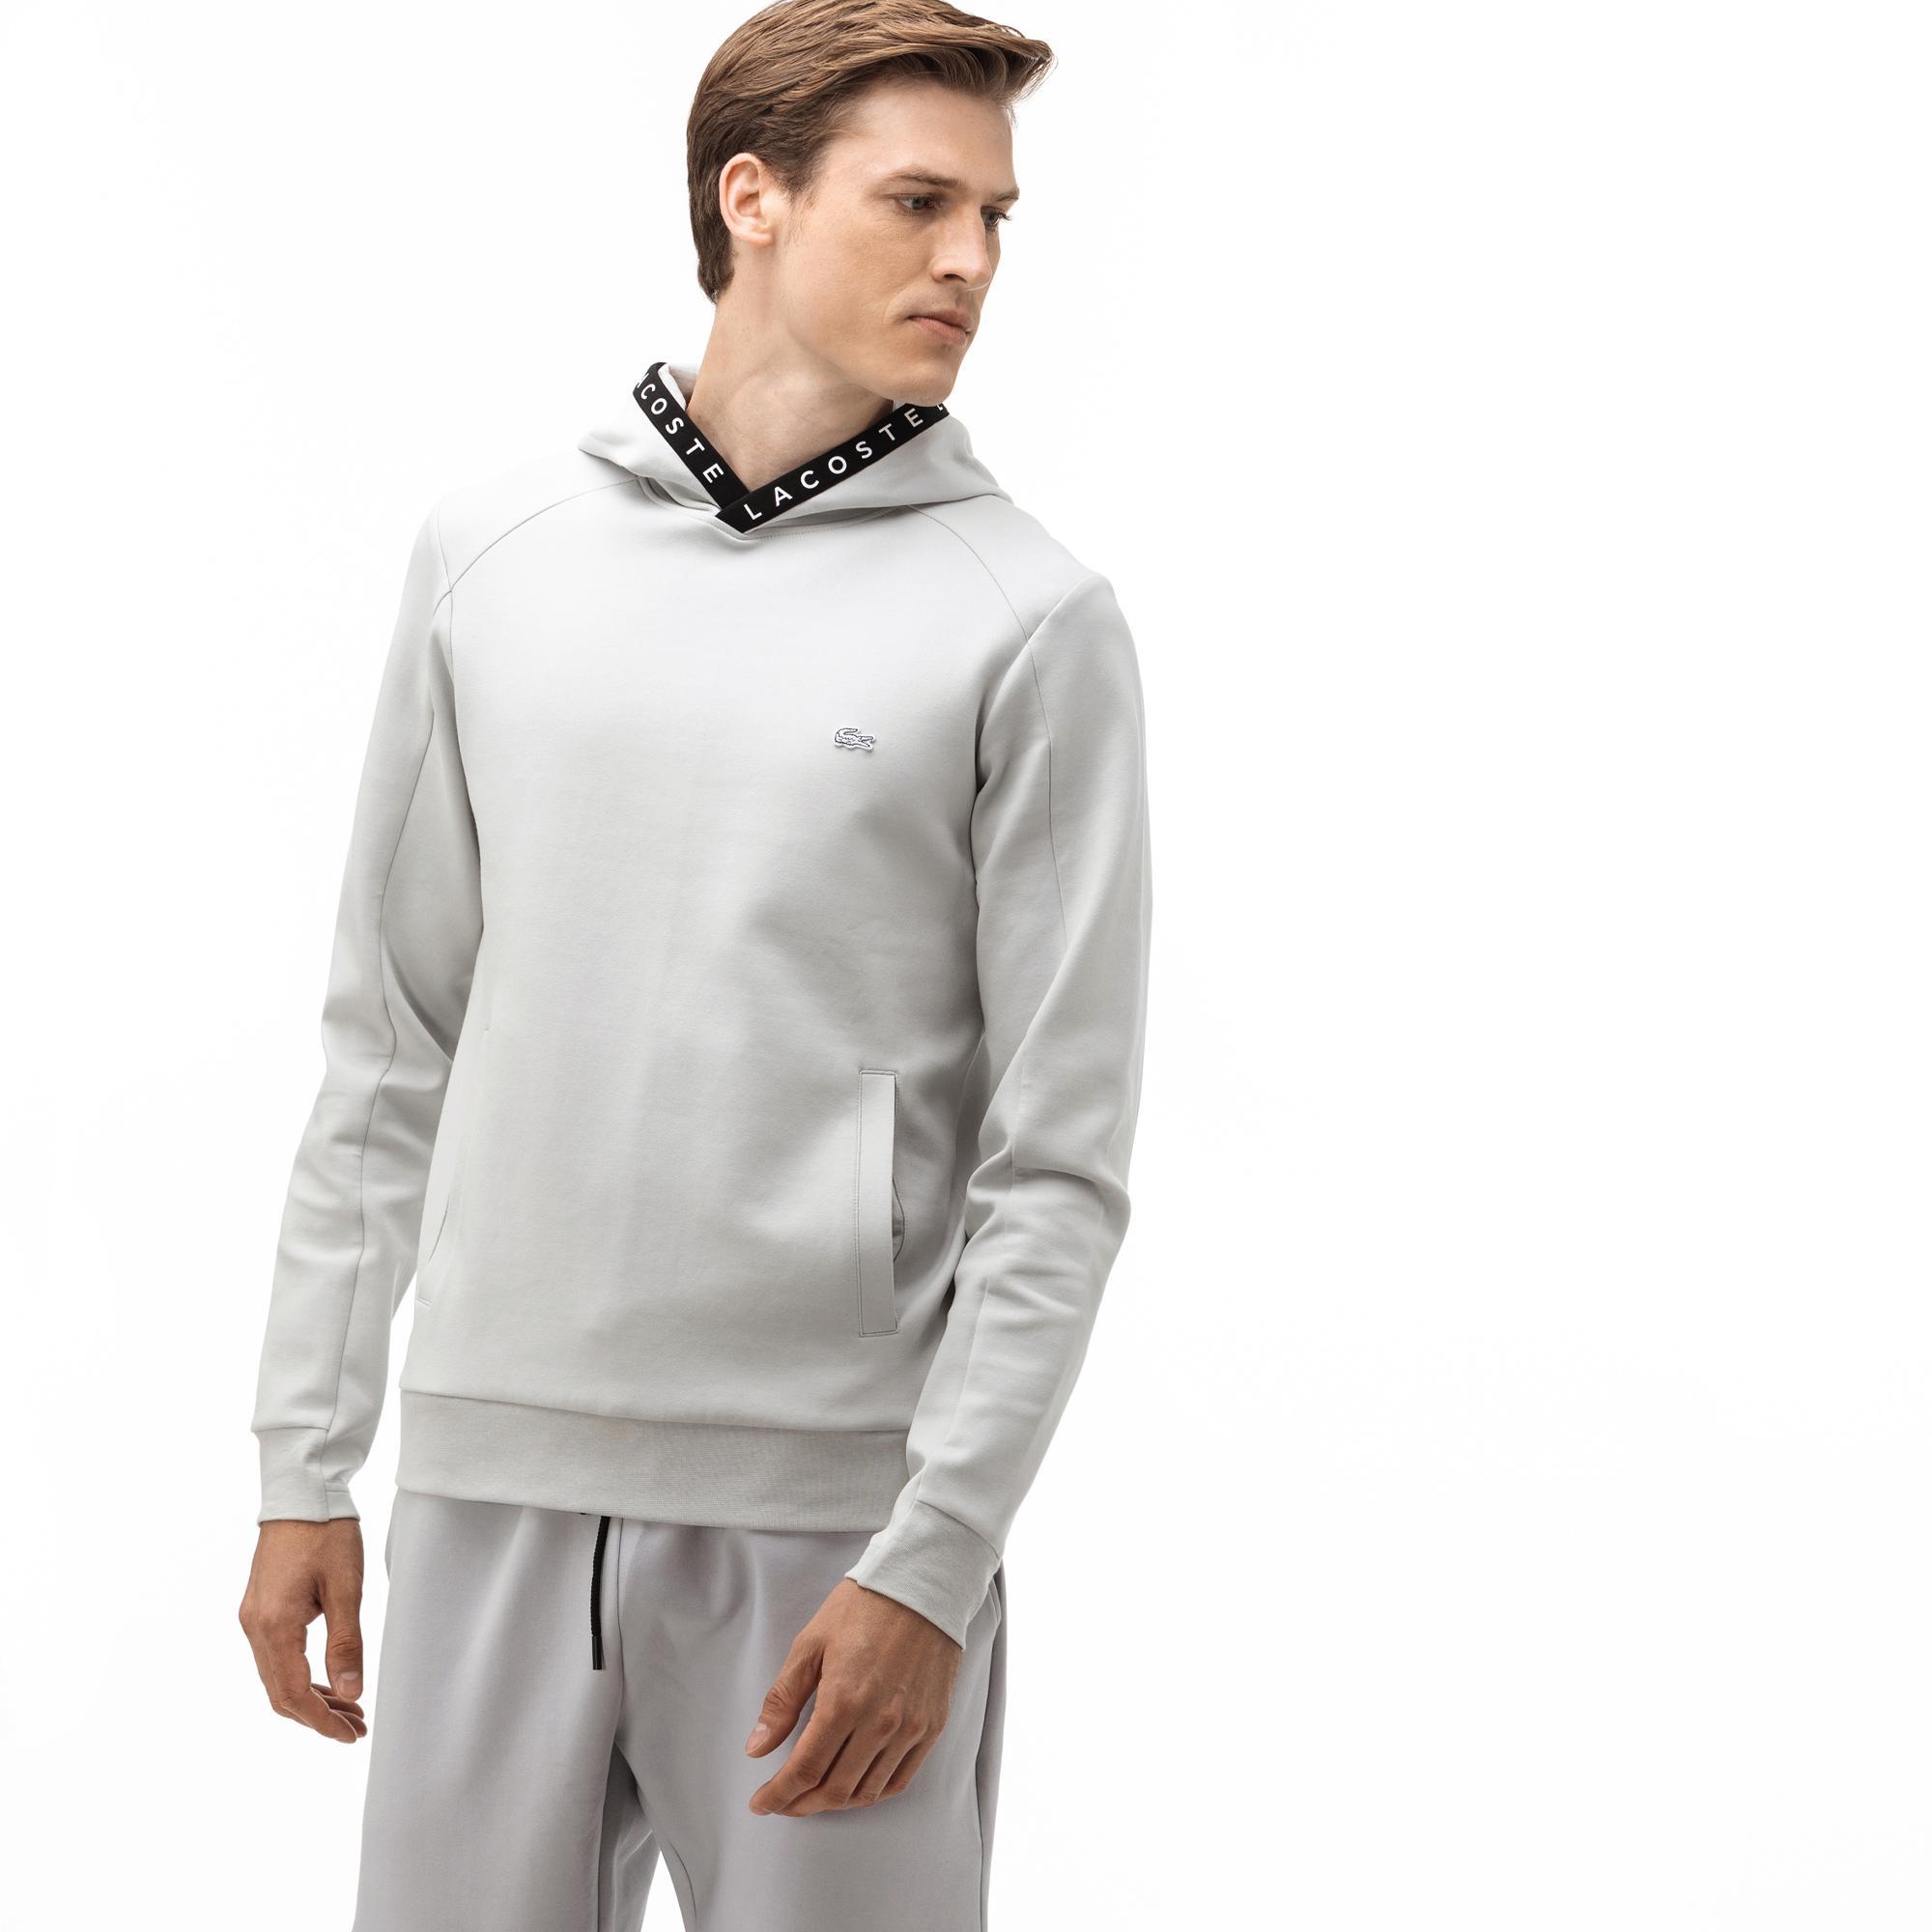 Lacoste Erkek Kapüşonlu Baskılı Gri Sweatshirt